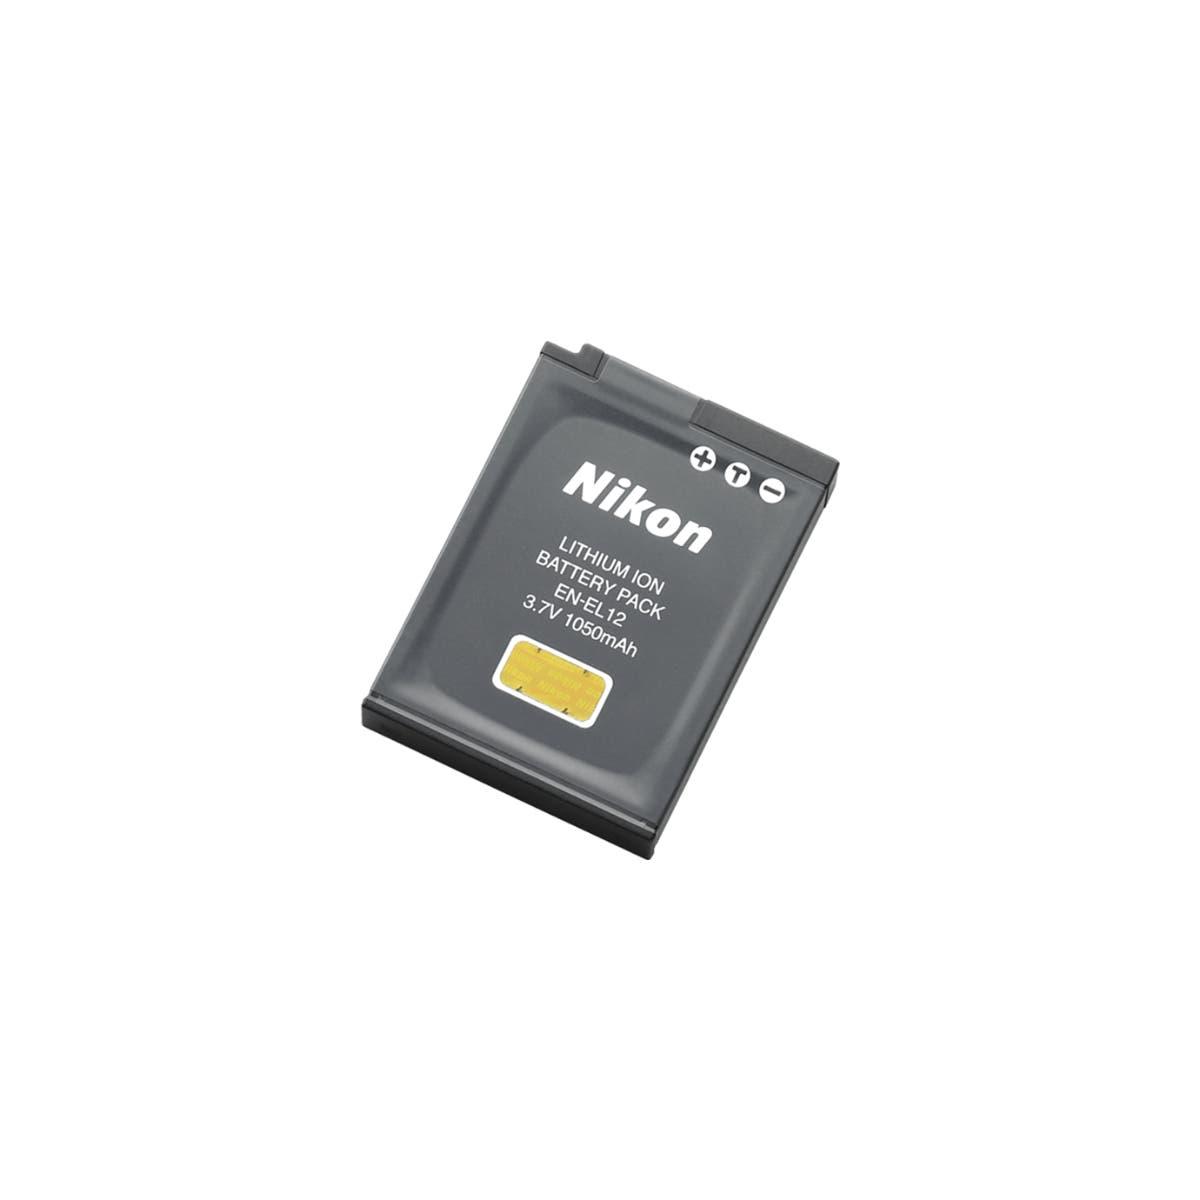 EN-EL12 Rechargeable Li-ion Battery